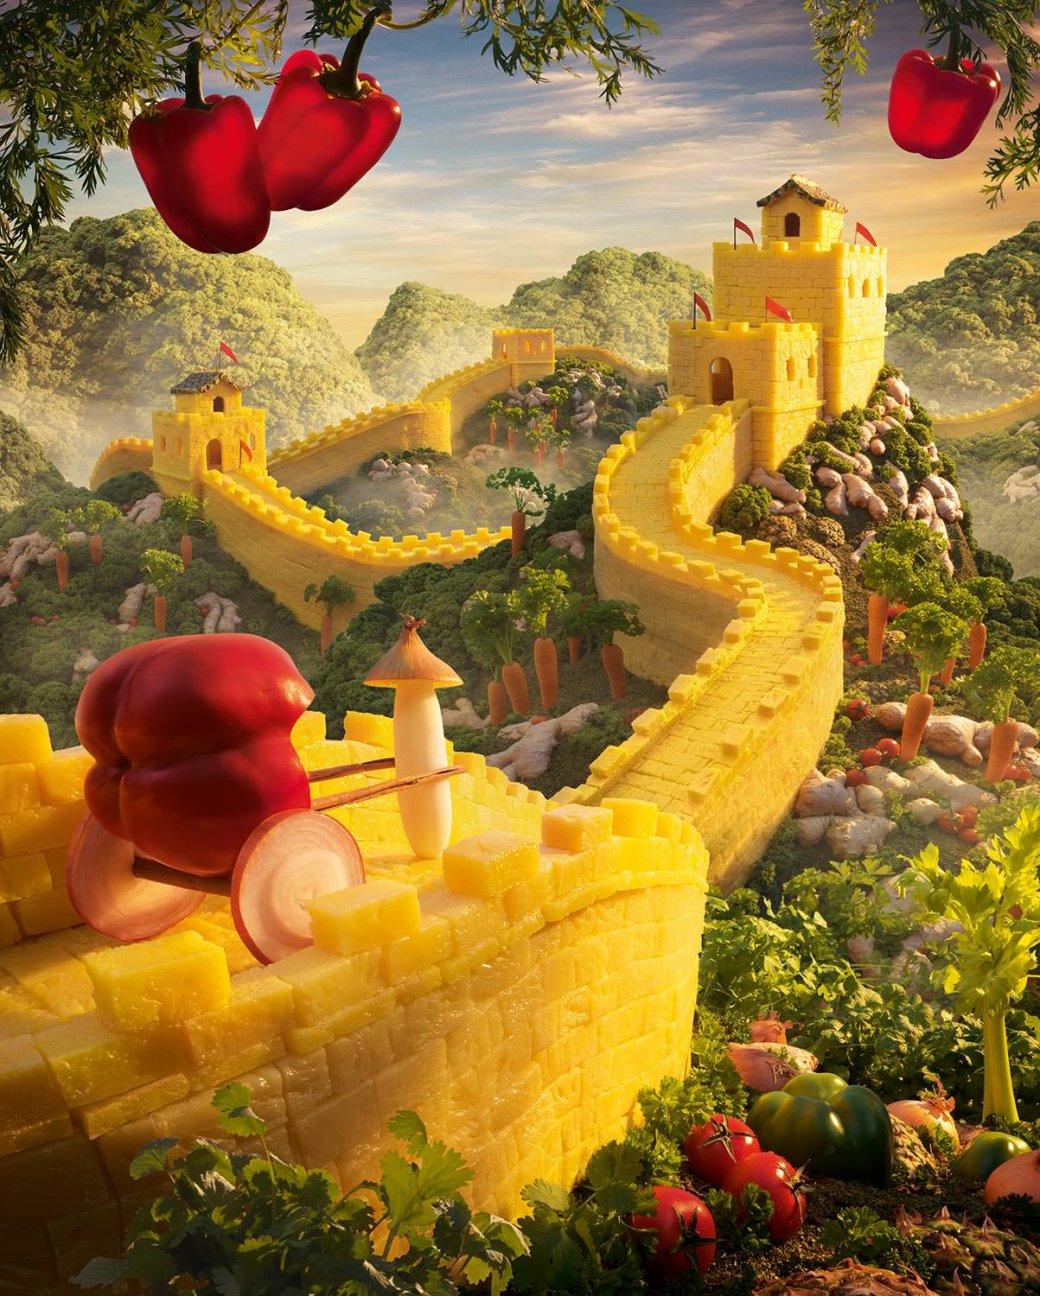 Фотограф создает сказочные пейзажи, используя только еду   Канобу - Изображение 13812